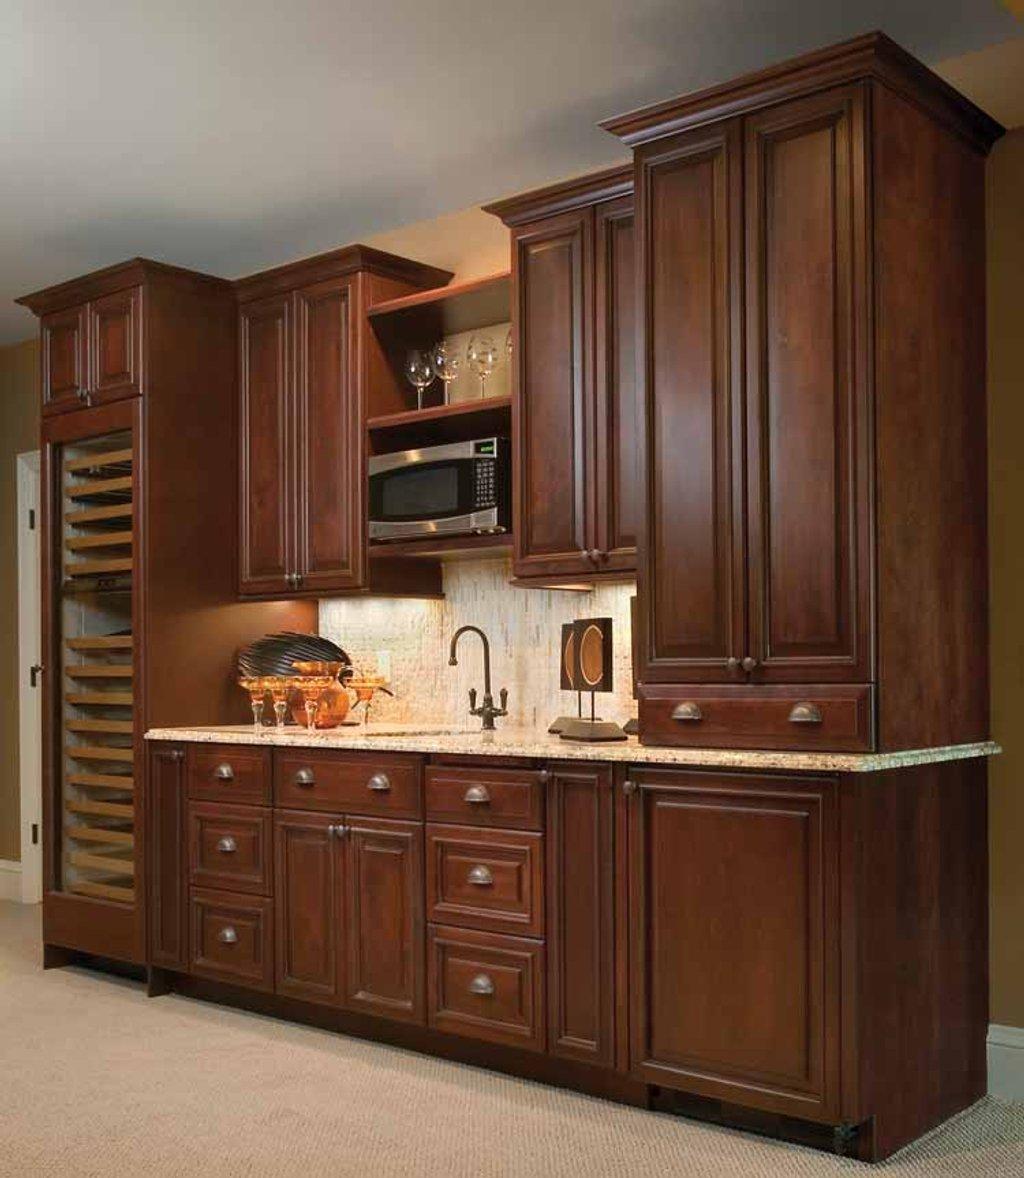 L Shaped Single Storey Homes Interior Design I J C Mobile: 3 Beds 2.5 Baths 3524 Sq/Ft